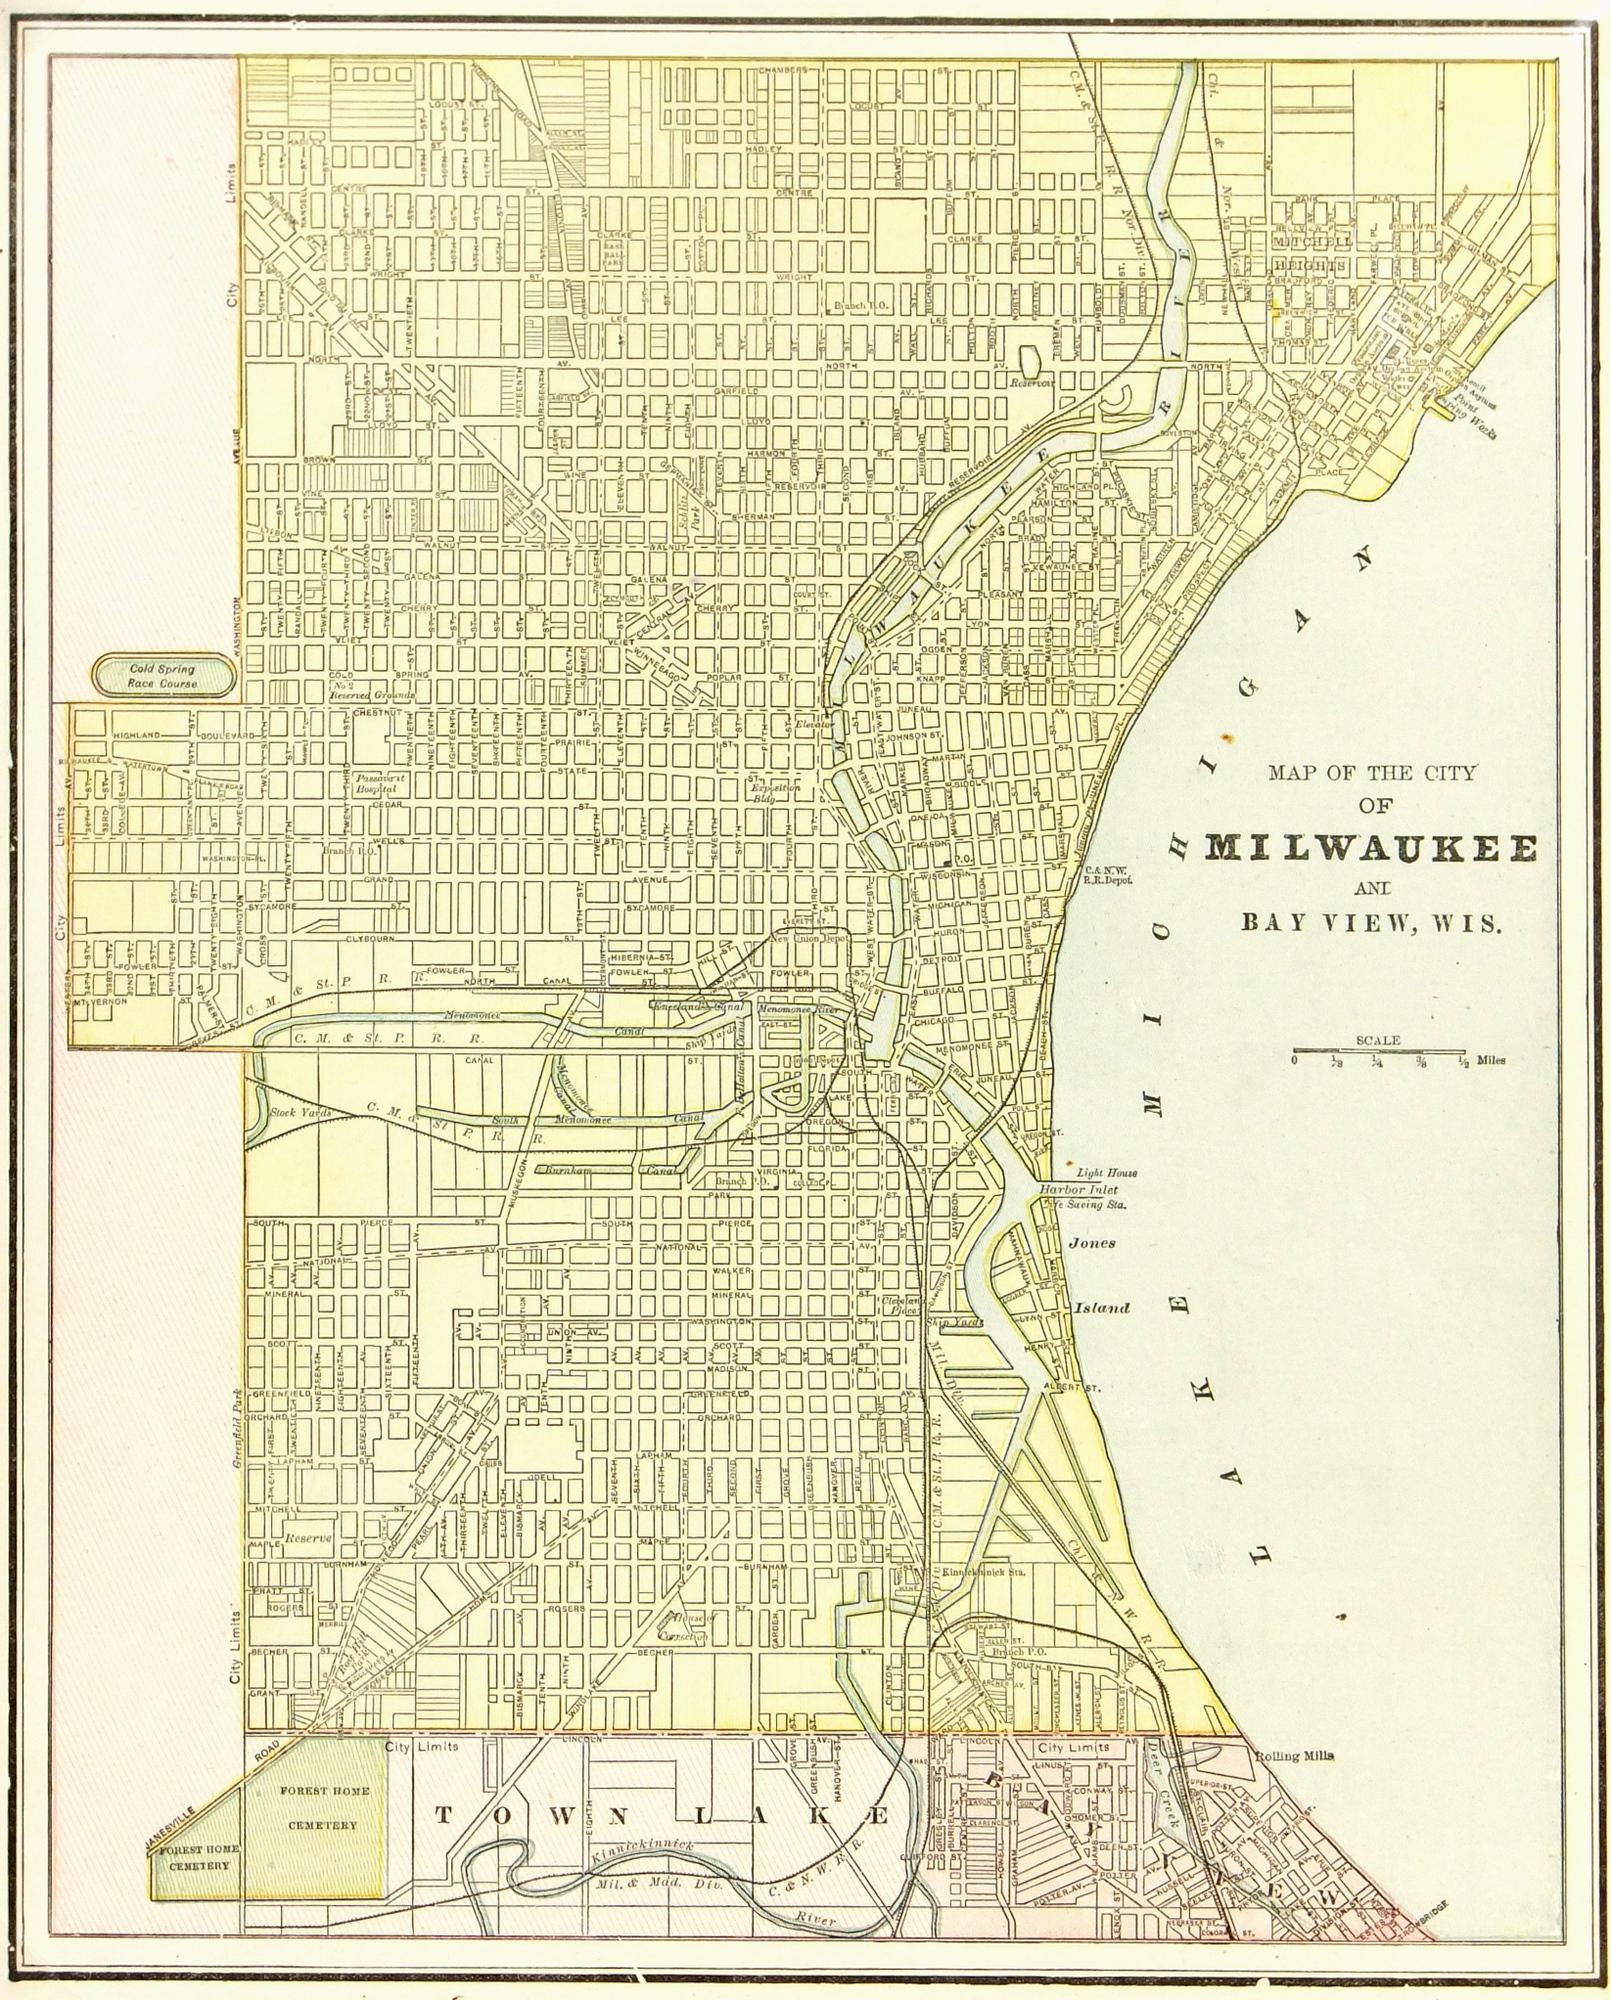 Milwaukee Map,1889-main-7648K